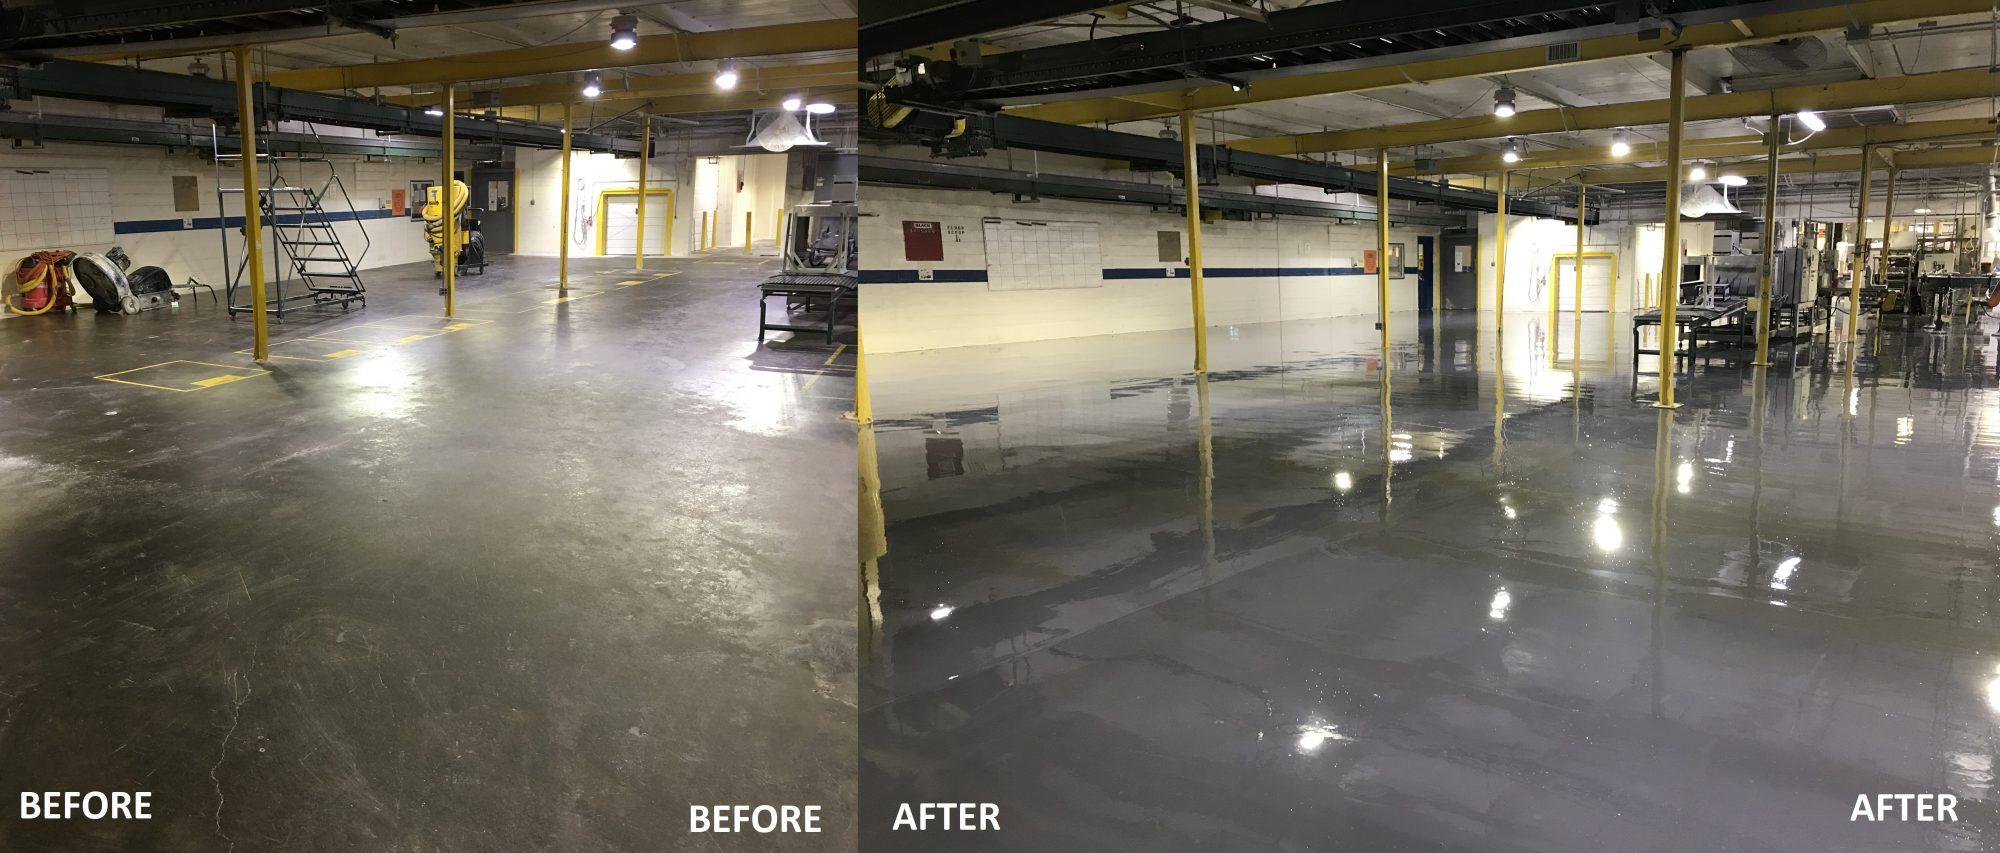 epoxy floor coatings, resurfacer, urethane topcoat, food and beverage flooring, industrial floor coatings